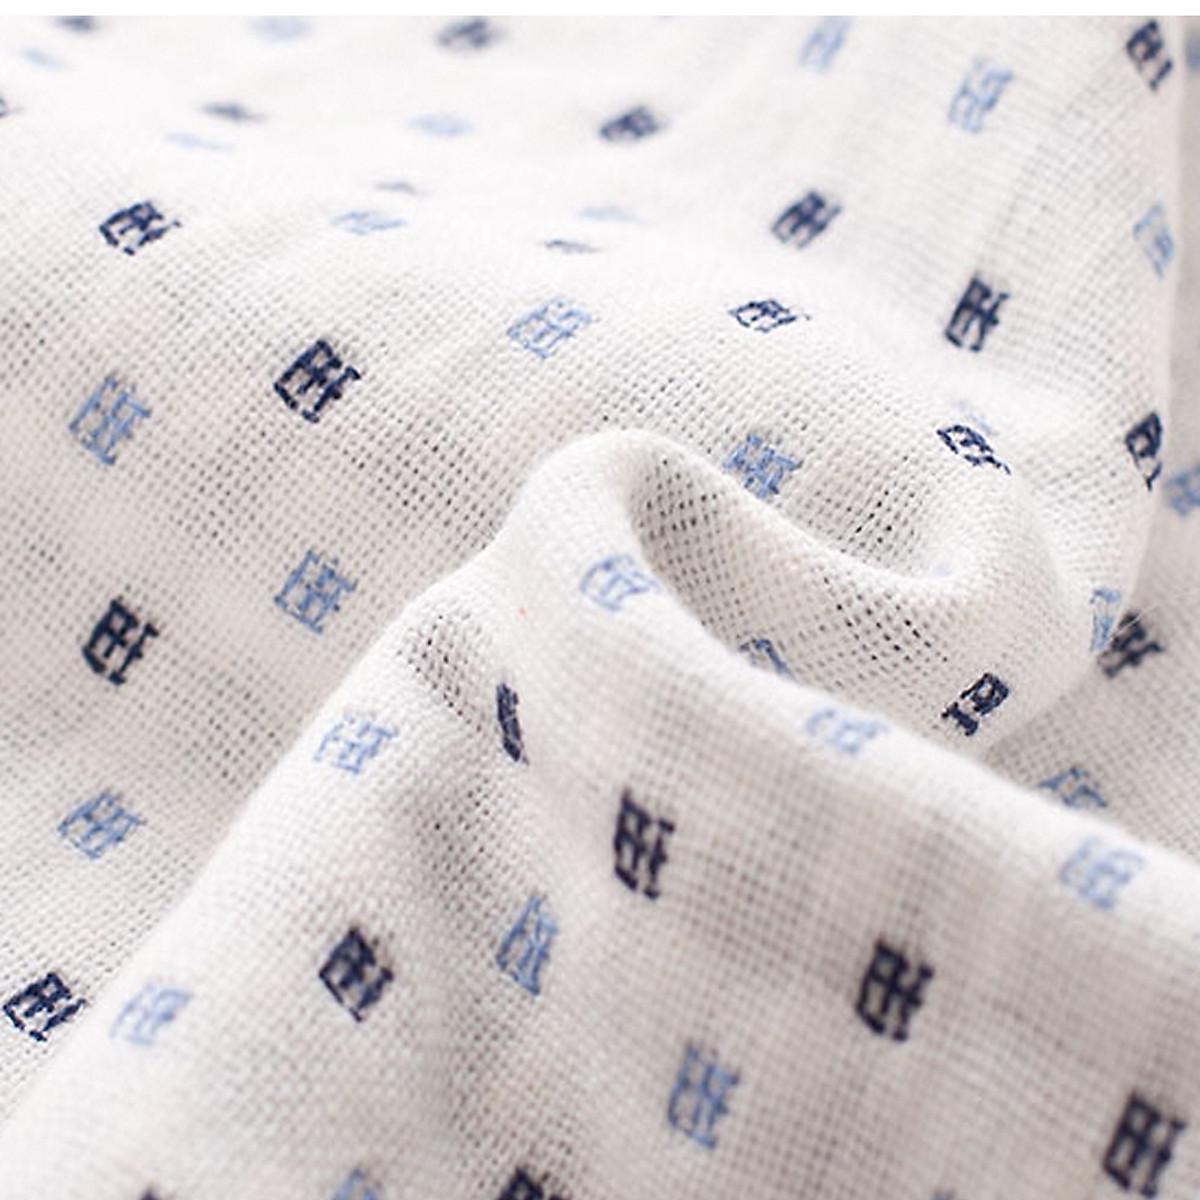 Khăn tắm trung siêu thắm nước bên long,bên vải cotton 34x74cm 100g - 138 - 5